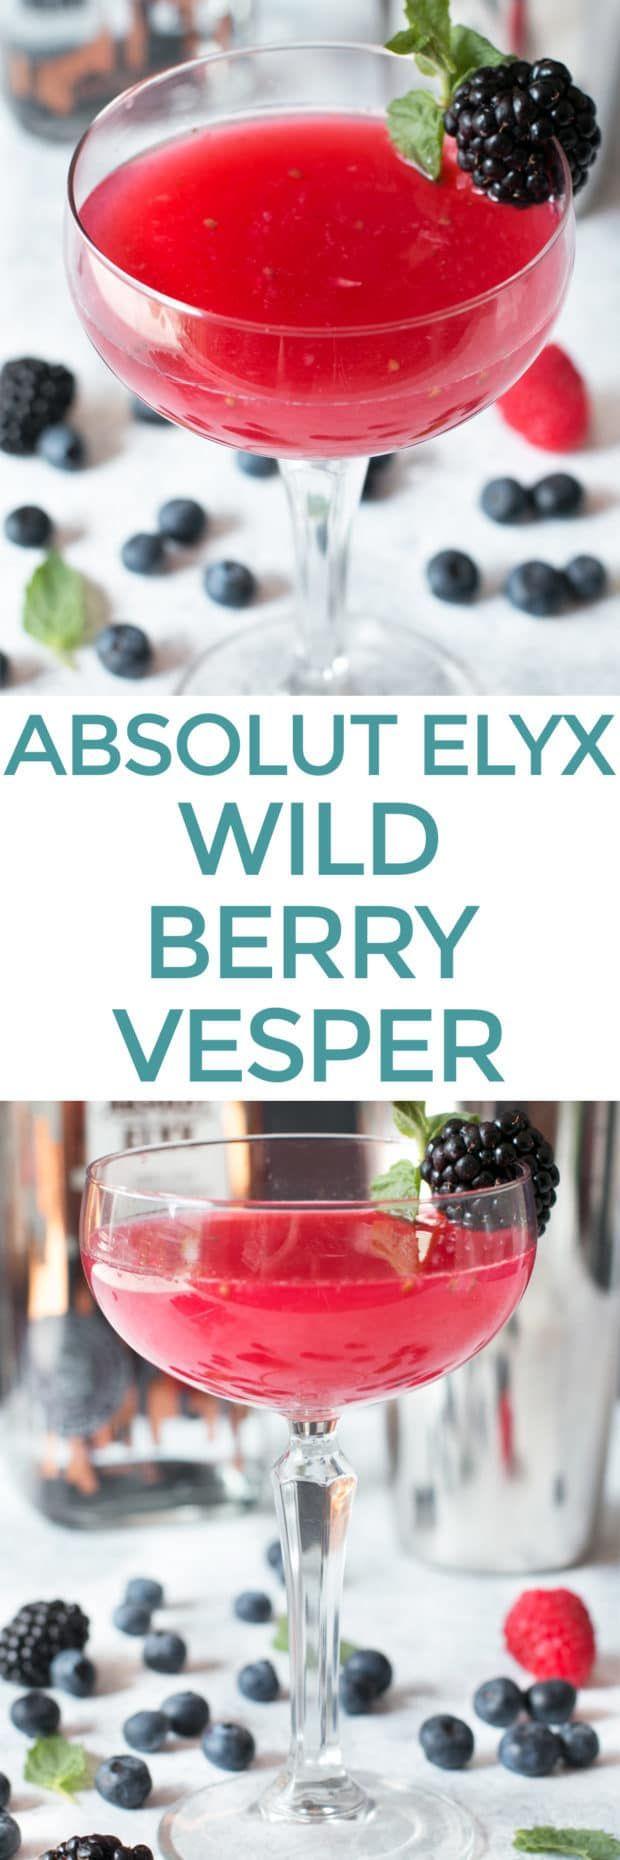 Absolut Elyx Wild Berry Vesper Recipe Absolut Elyx Wild Berry Absolut